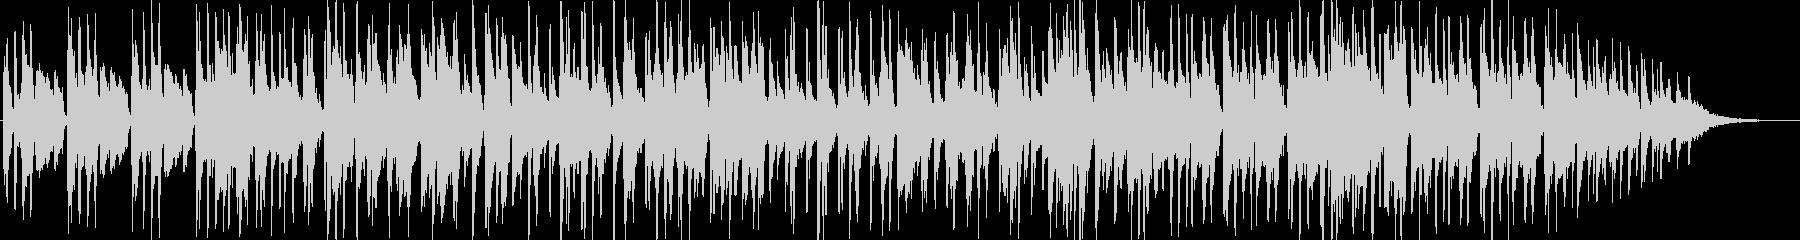 サスペンスの雰囲気のジャズの未再生の波形